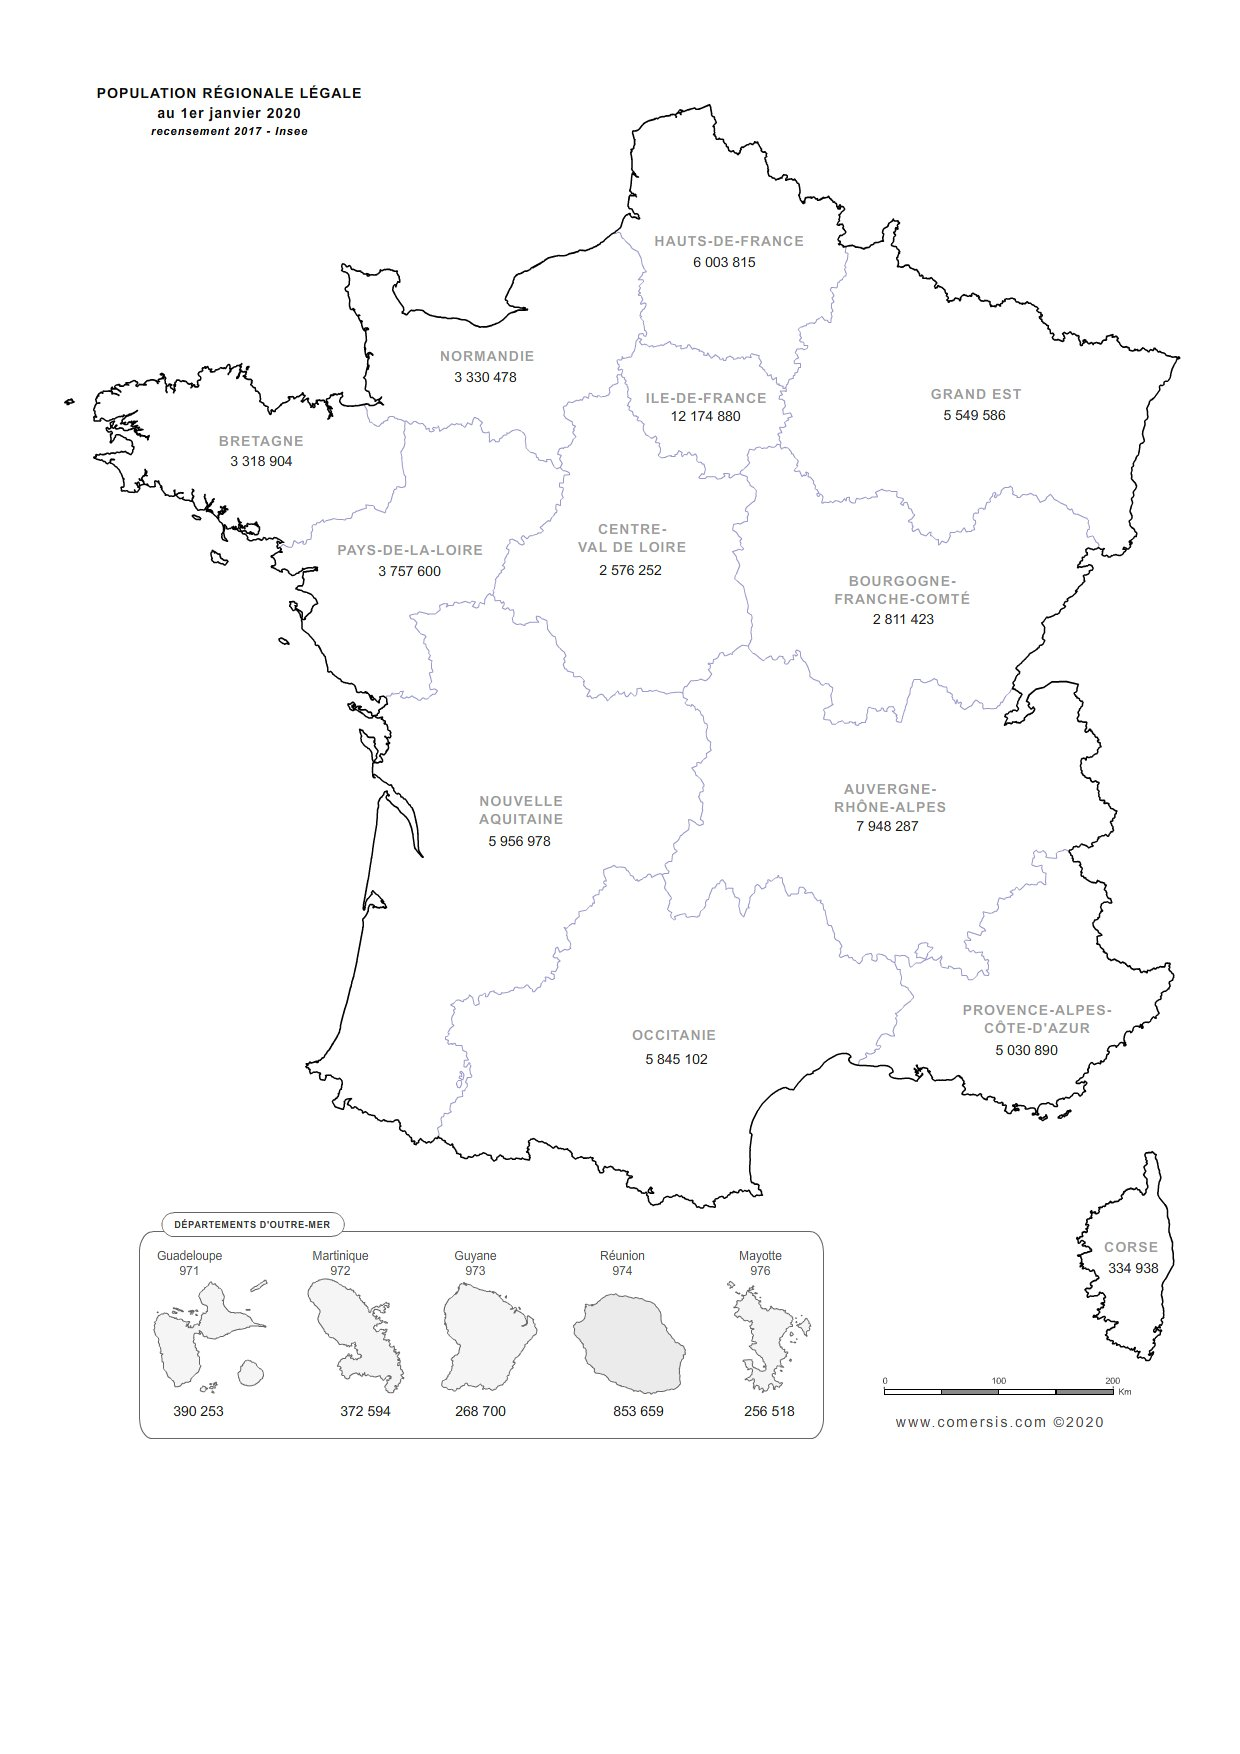 Carte de la population régionale de France 2020